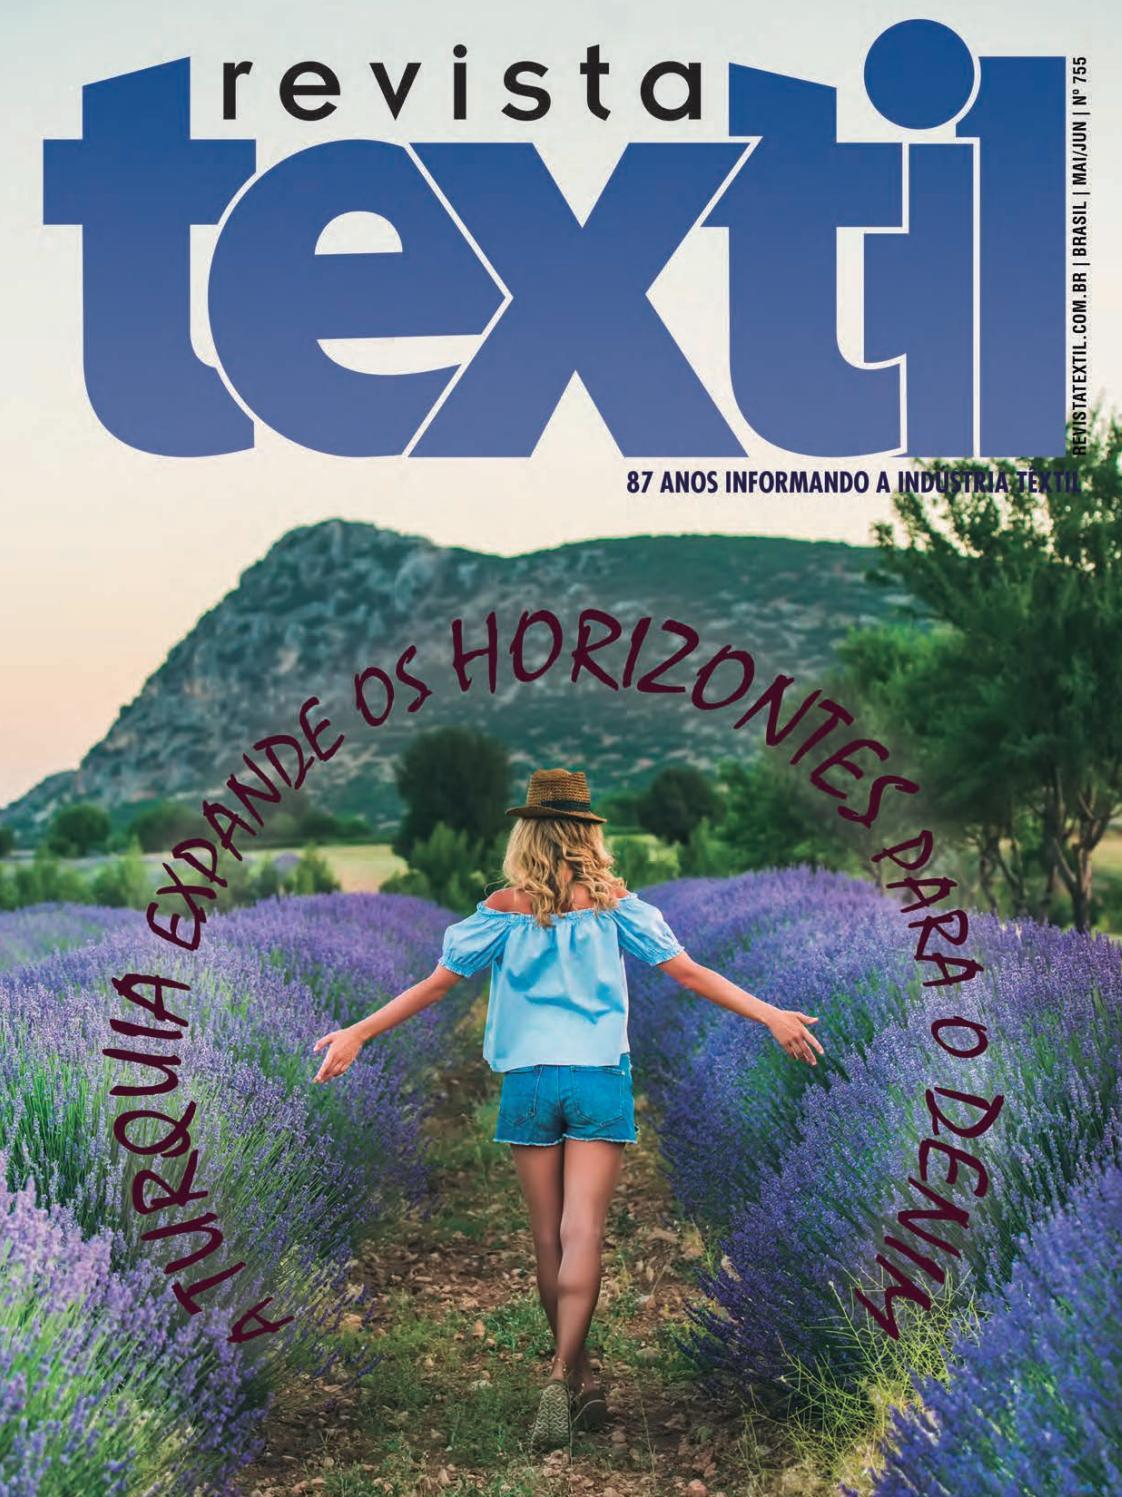 ac2ca52b7 Revista Têxtil 755 by Revista Textil - issuu